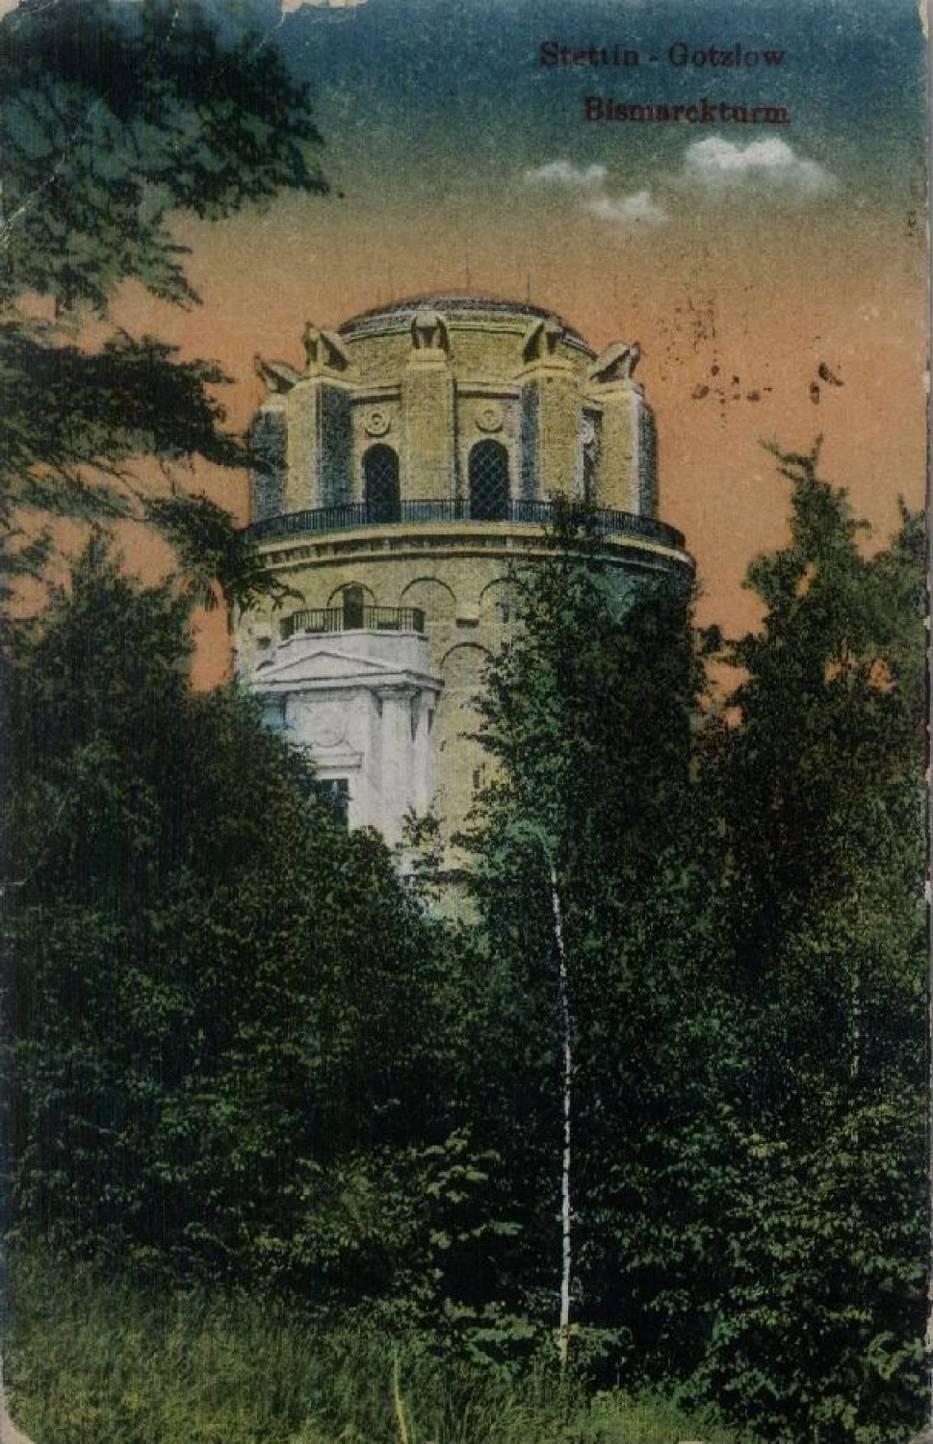 - Można powiedzieć, że była to jedna z większych wież poświęconych Żelaznemu Kanclerzowi - mówi dr Marek Łuczak, historyk, badacz dziejów Szczecina